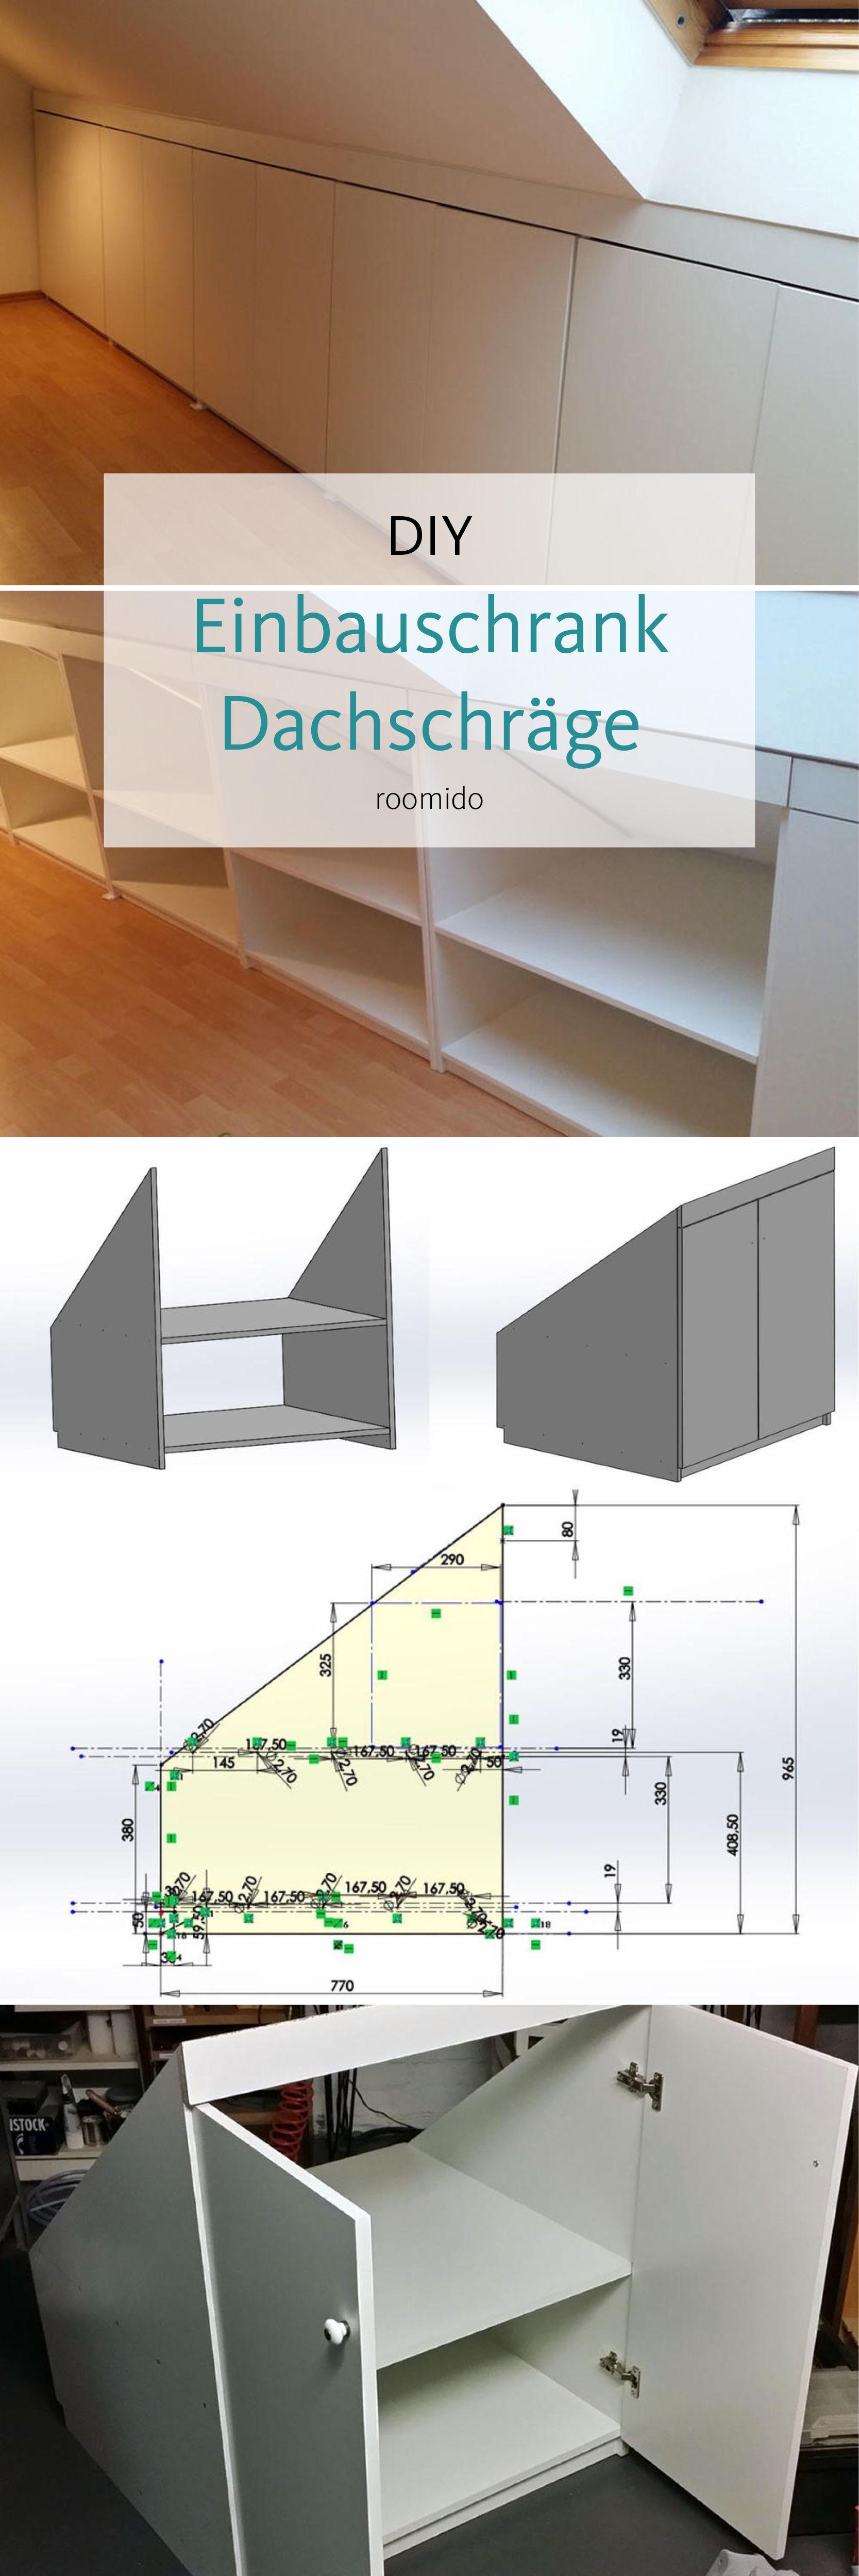 Selber Einen Einbauschrank Unter Der Dachschräge Bauen? Wir Haben Die  Anleitung Dazu U2013 Ein Tolles DIY! Mehr Auf Roomido.com #roomido